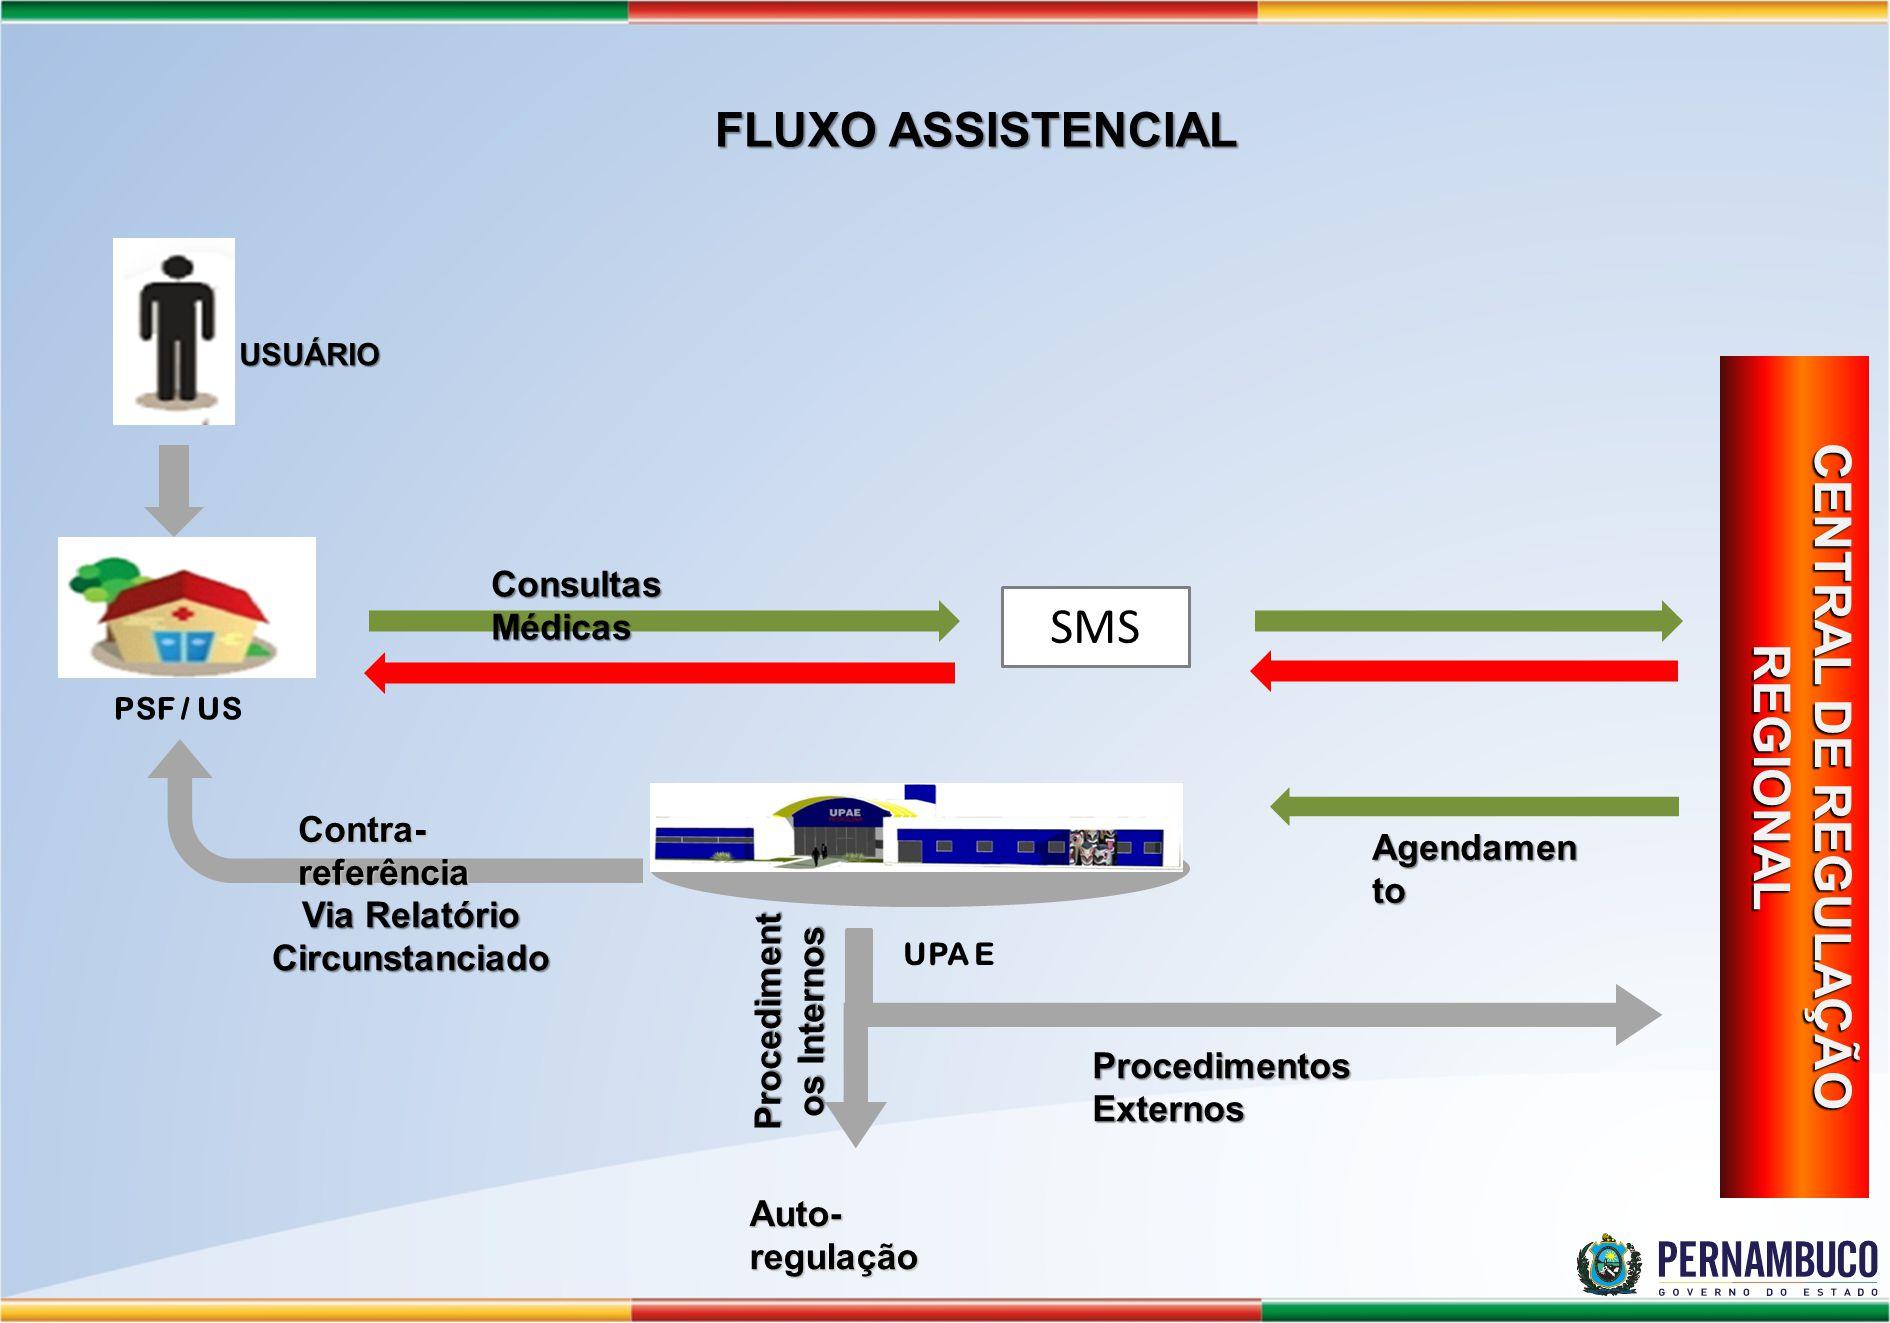 CENTRAL DE REGULAÇÃO REGIONAL